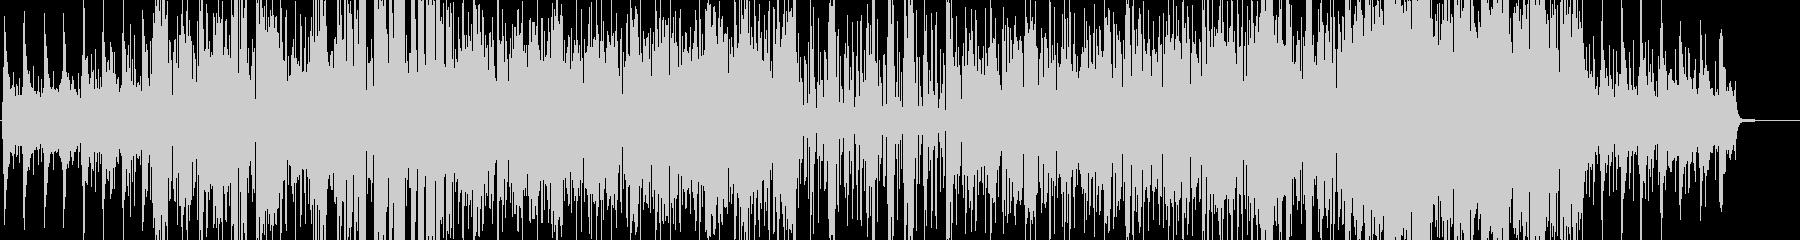 おしゃれなスムースジャズの未再生の波形